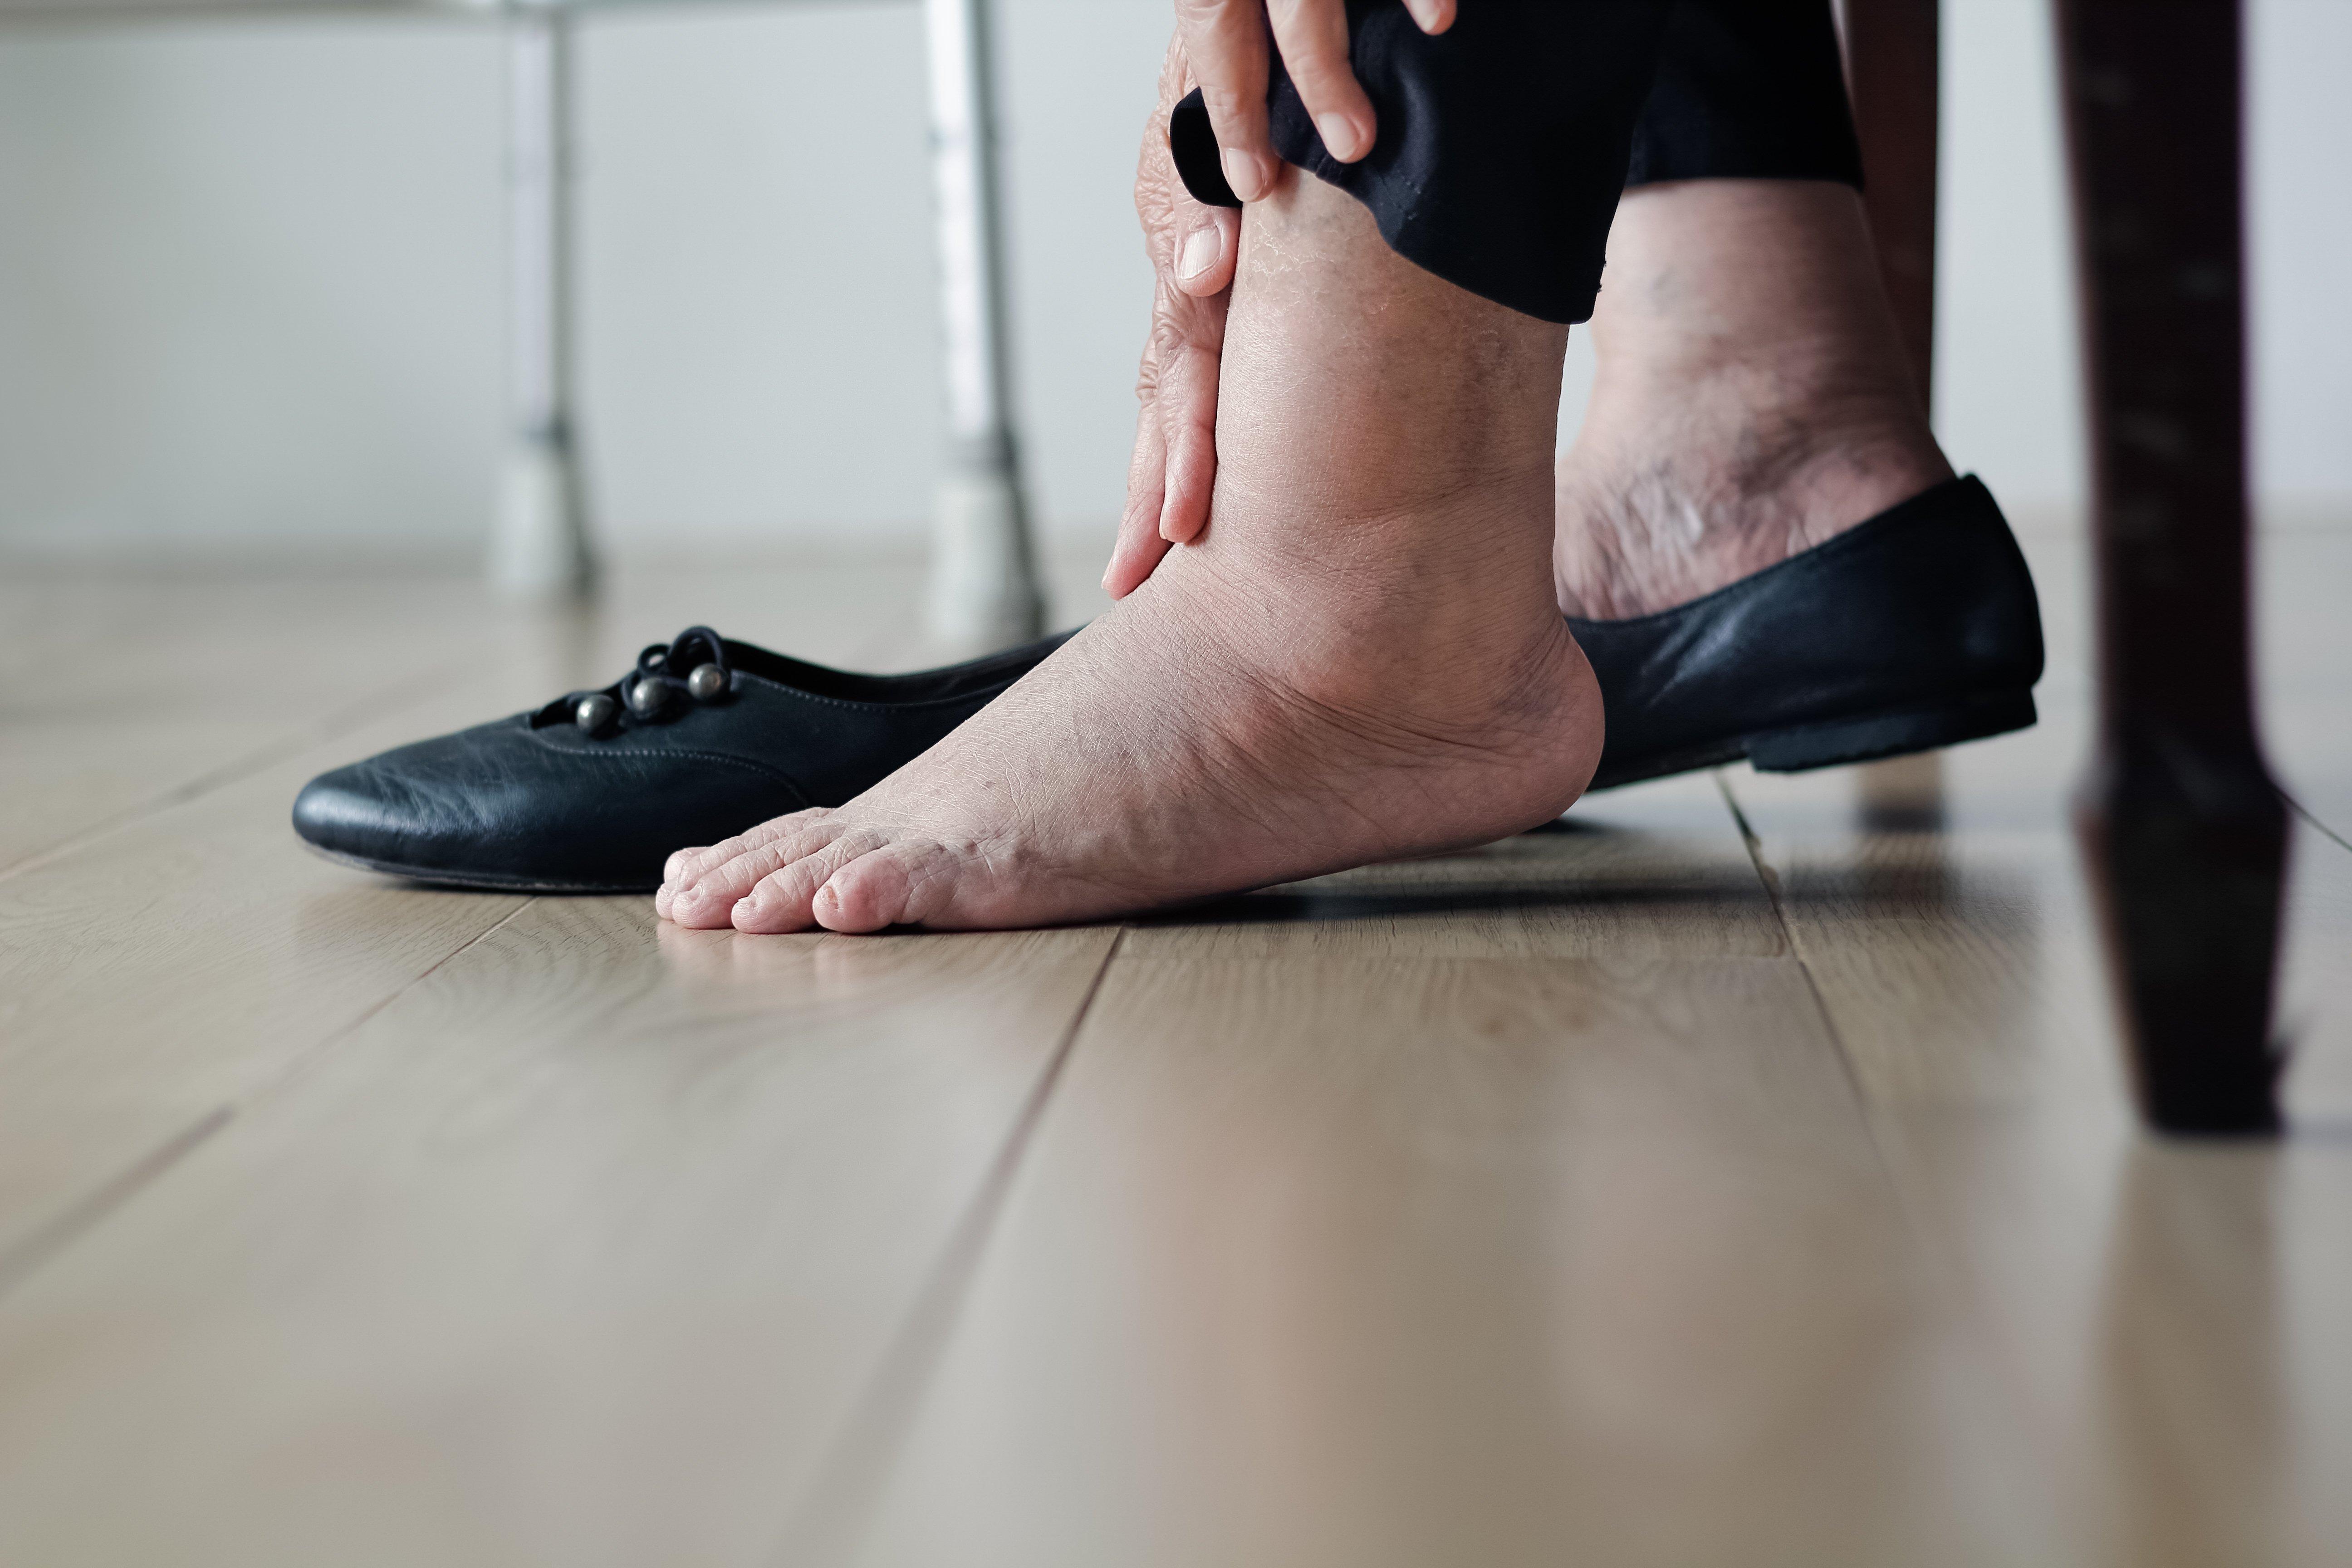 Frau reibt sich Beine | Quelle: Shutterstock